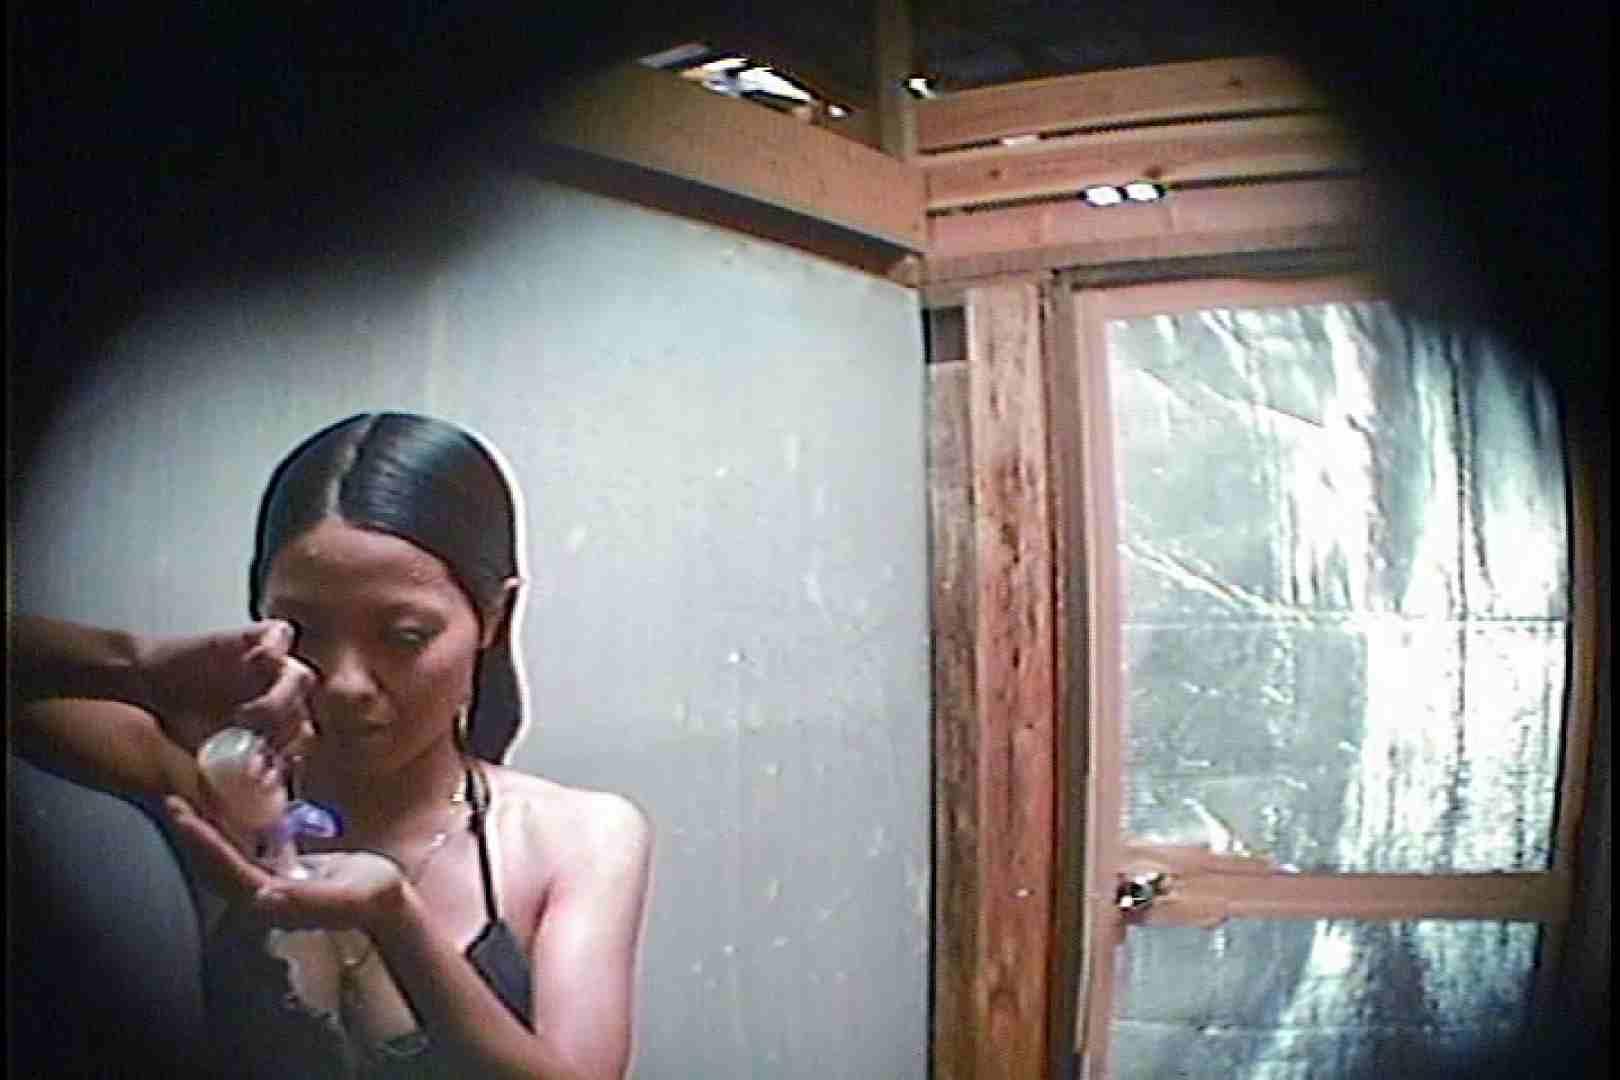 海の家の更衣室 Vol.45 シャワー中 | 美女達のヌード  64連発 23